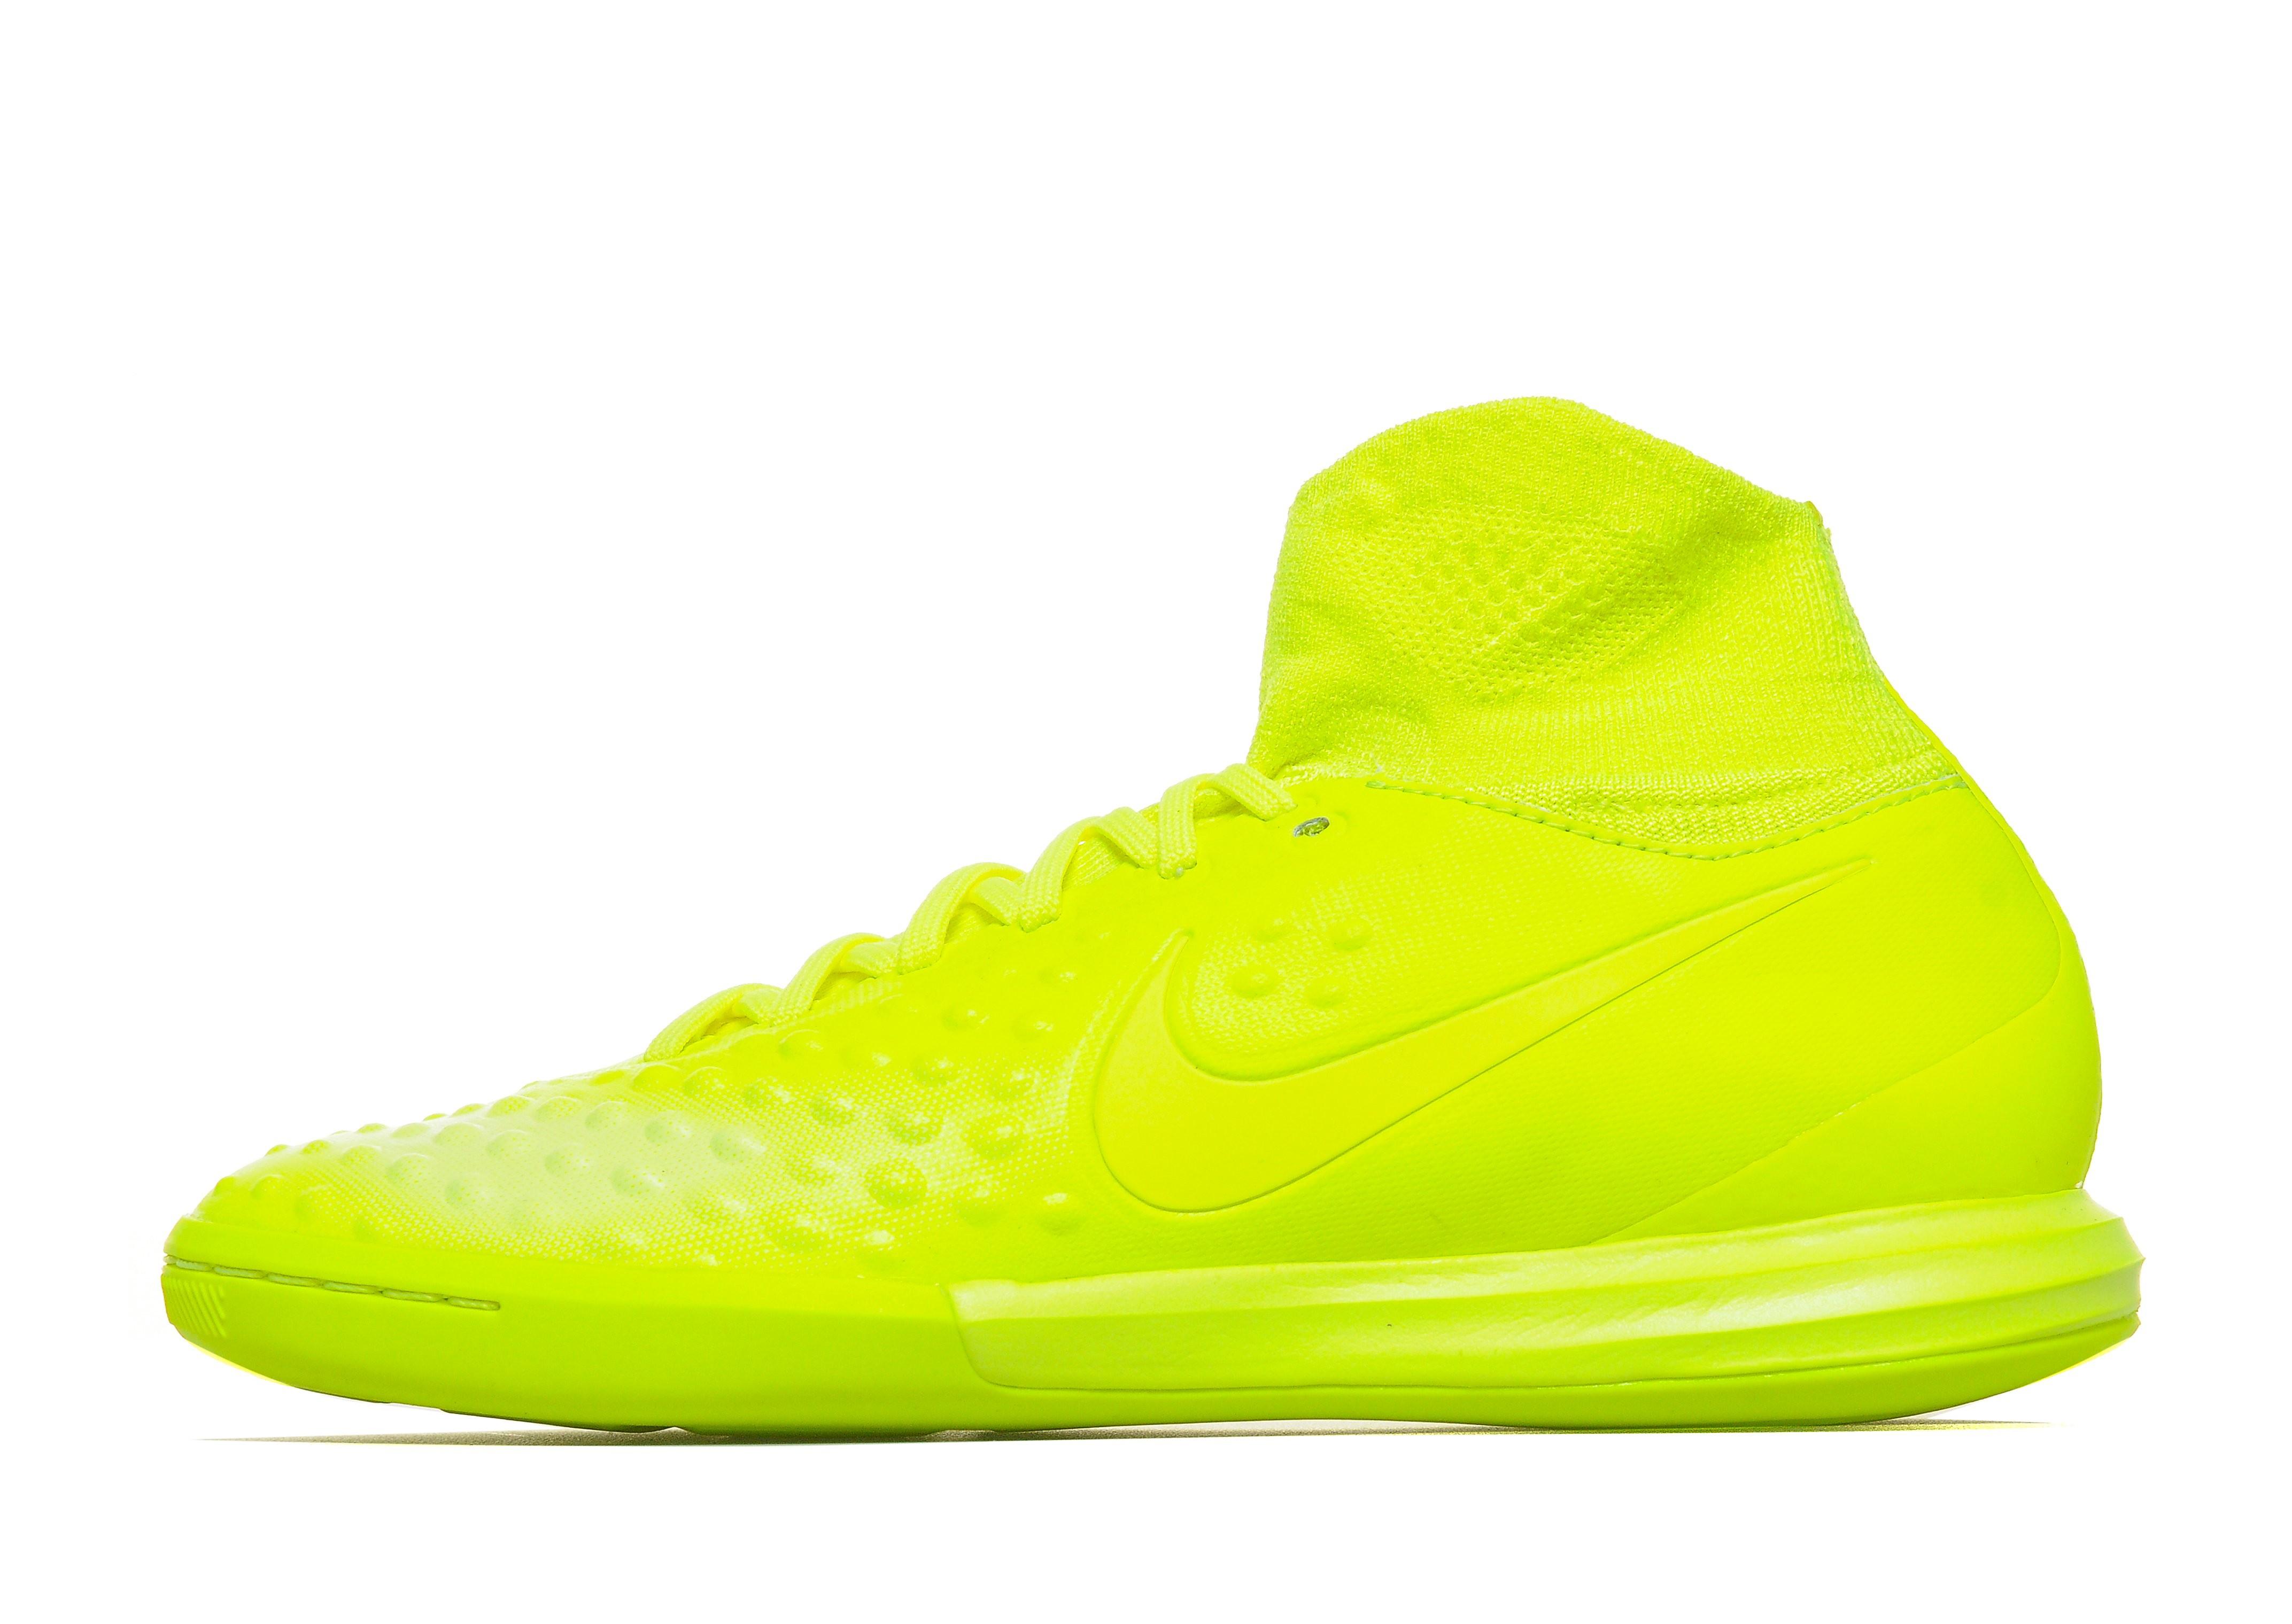 Nike Football X Glow MagistaX Proximo II IC Junior